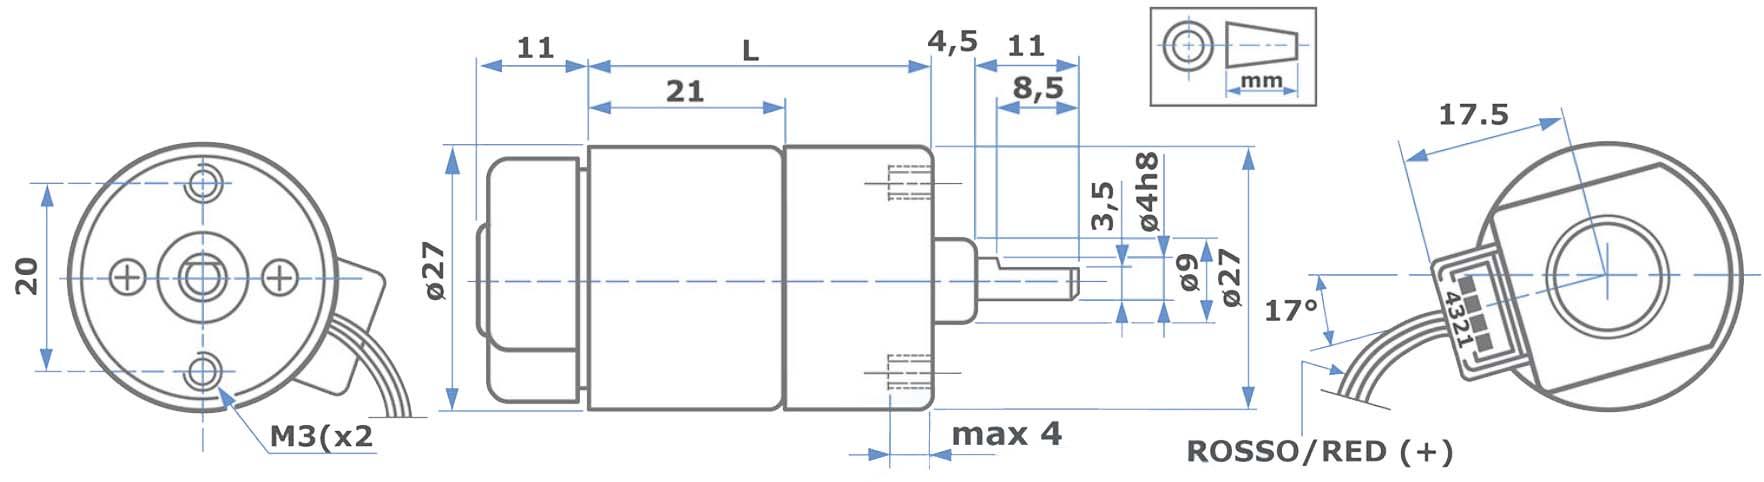 Abmessungen L149-2S DC Motor inkl. Encoder